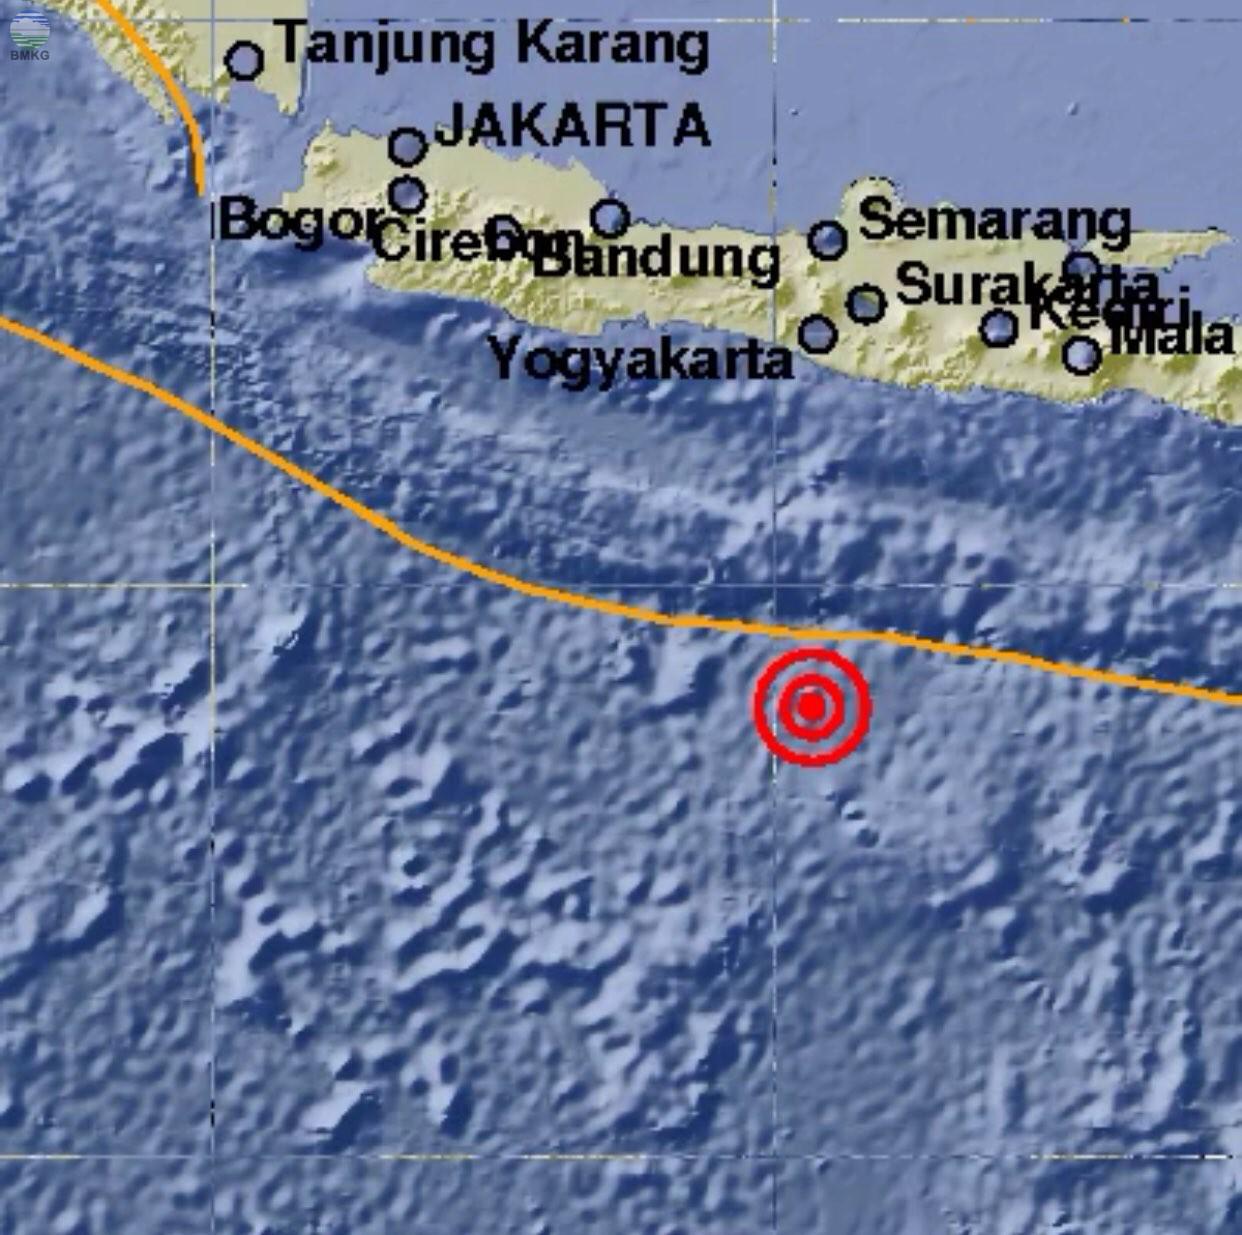 Gempabumi Tektonik M=5.0 Mengguncang Samudra Hindia Selatan Jawa, Tidak Berpotensi Tsunami